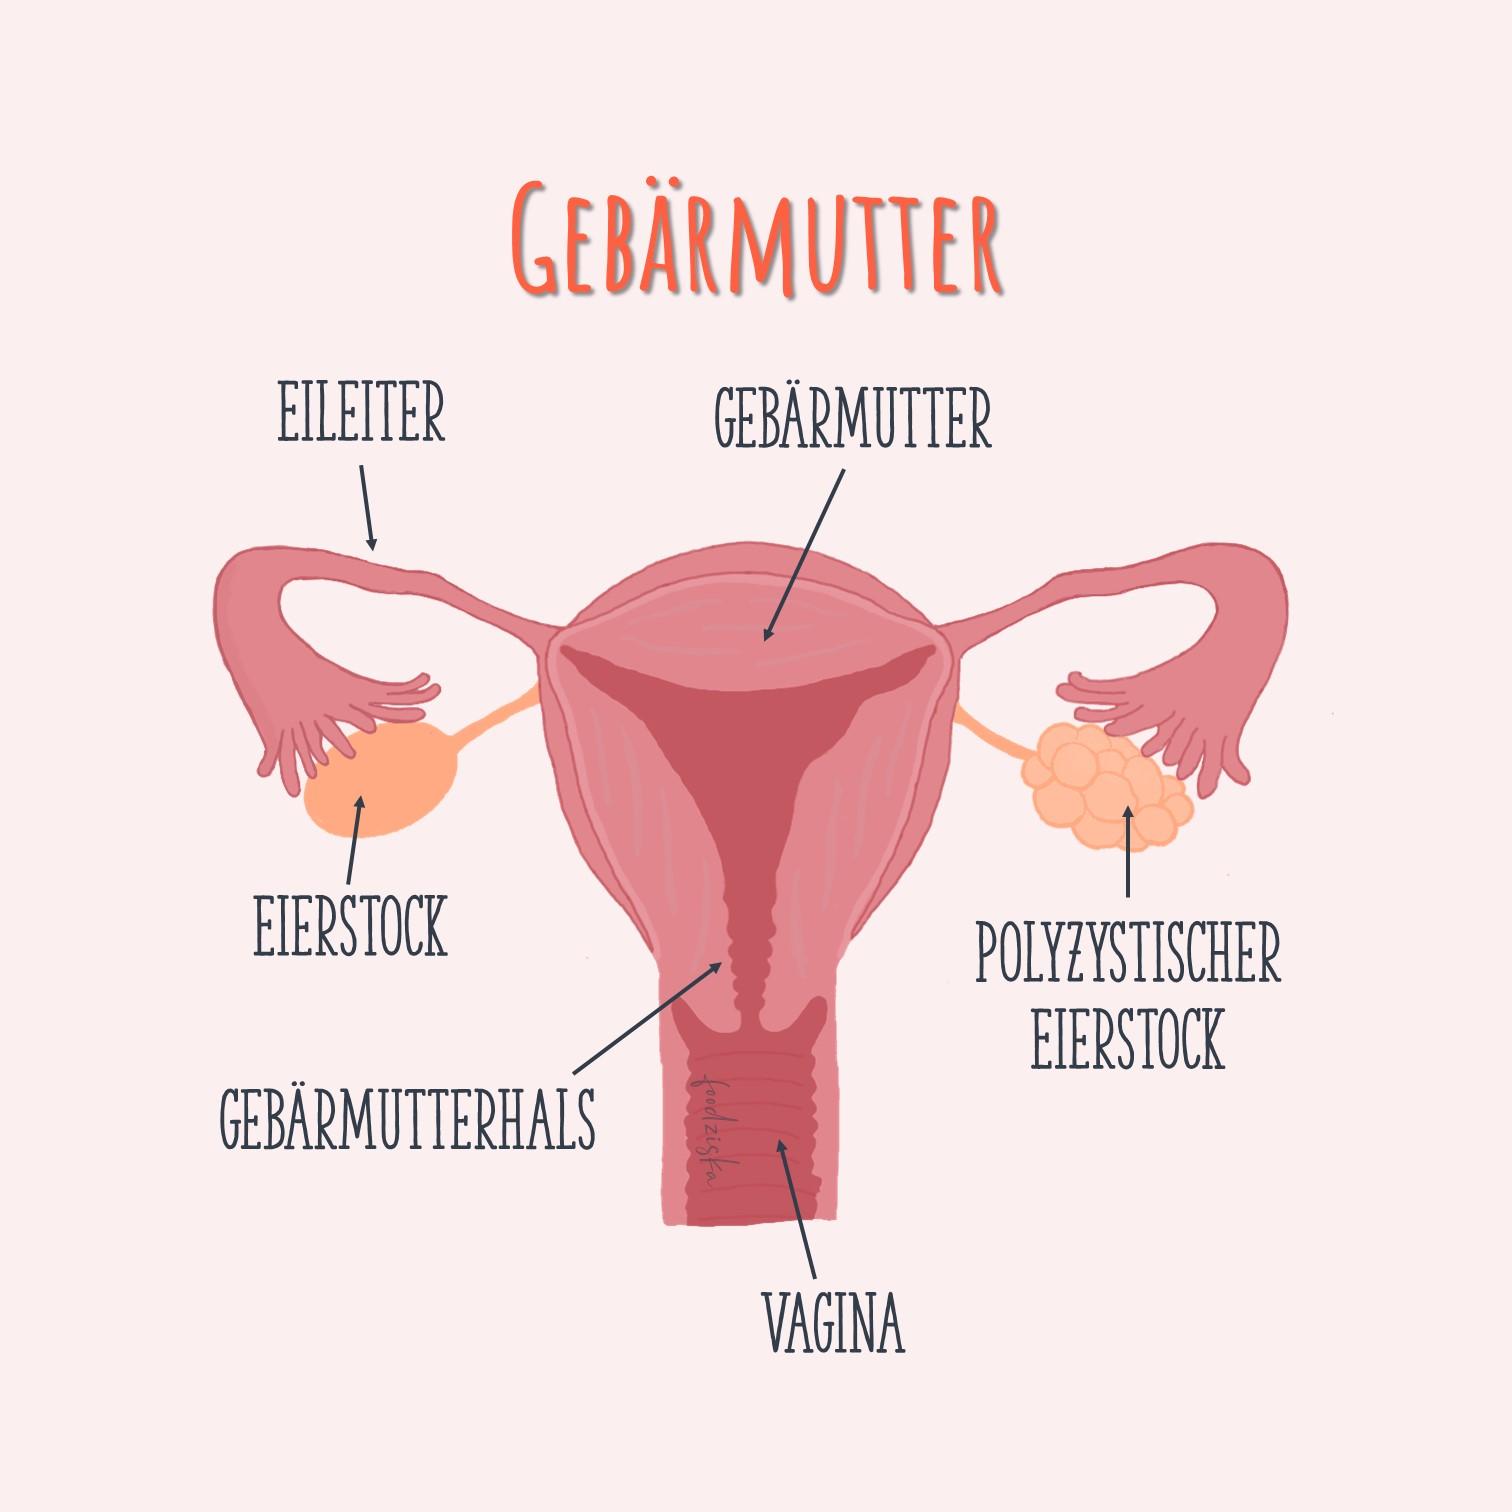 Teile der Gebärmutter bezeichne inkl. PCO